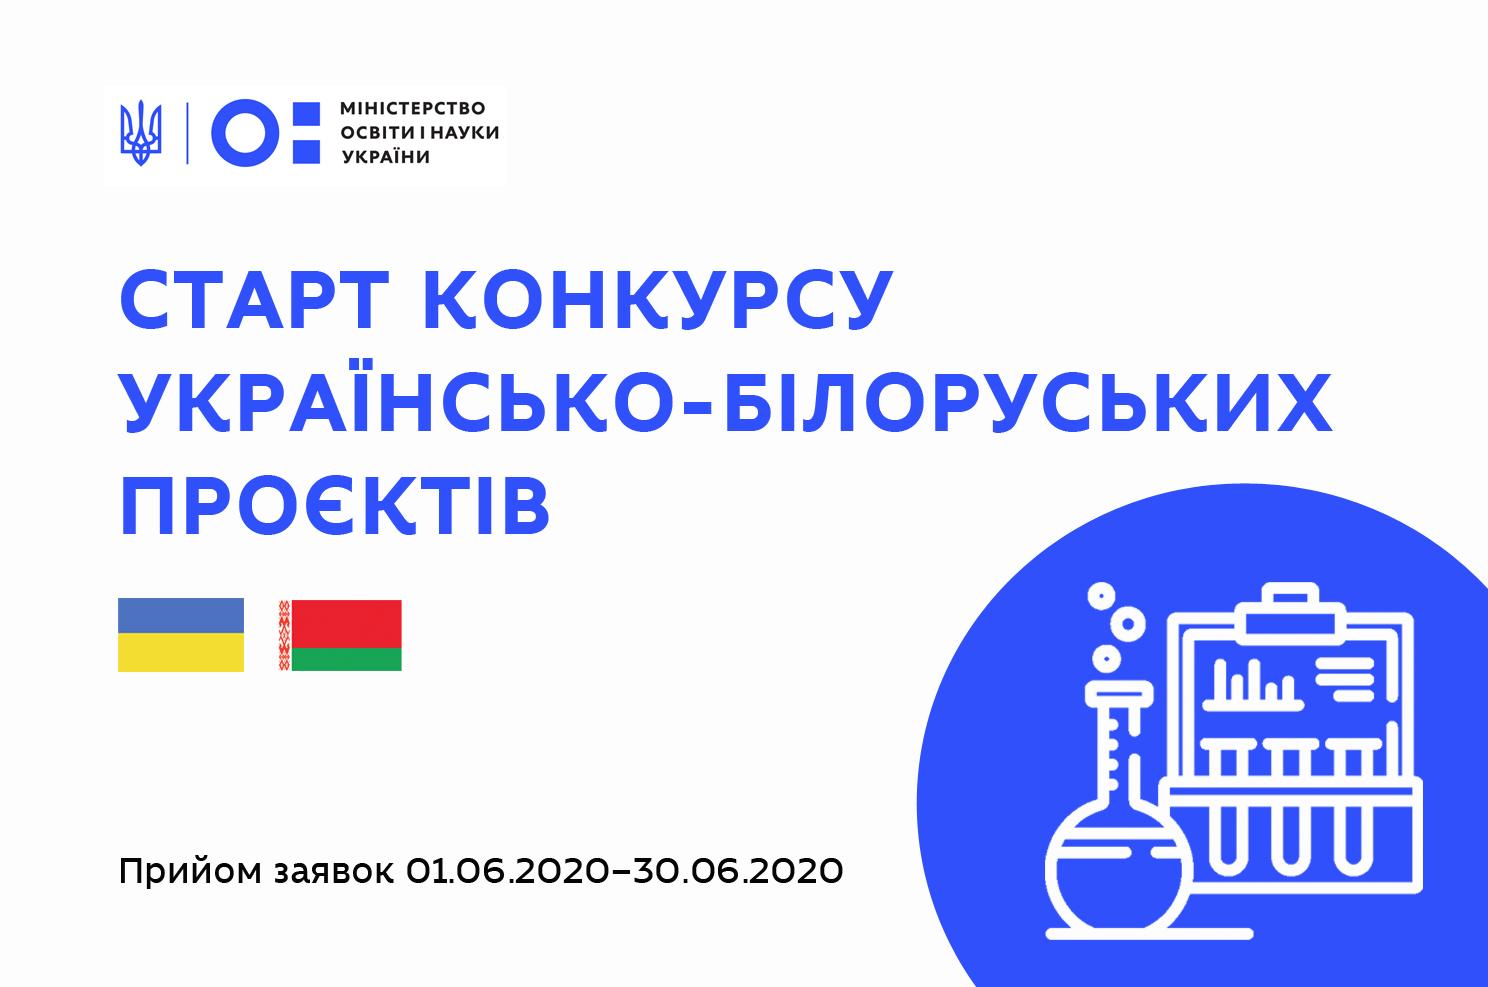 Відкрито конкурс україно-білоруських науково-дослідних проєктів на 2021-2022 роки – дедлайн подачі заявок – 30 червня